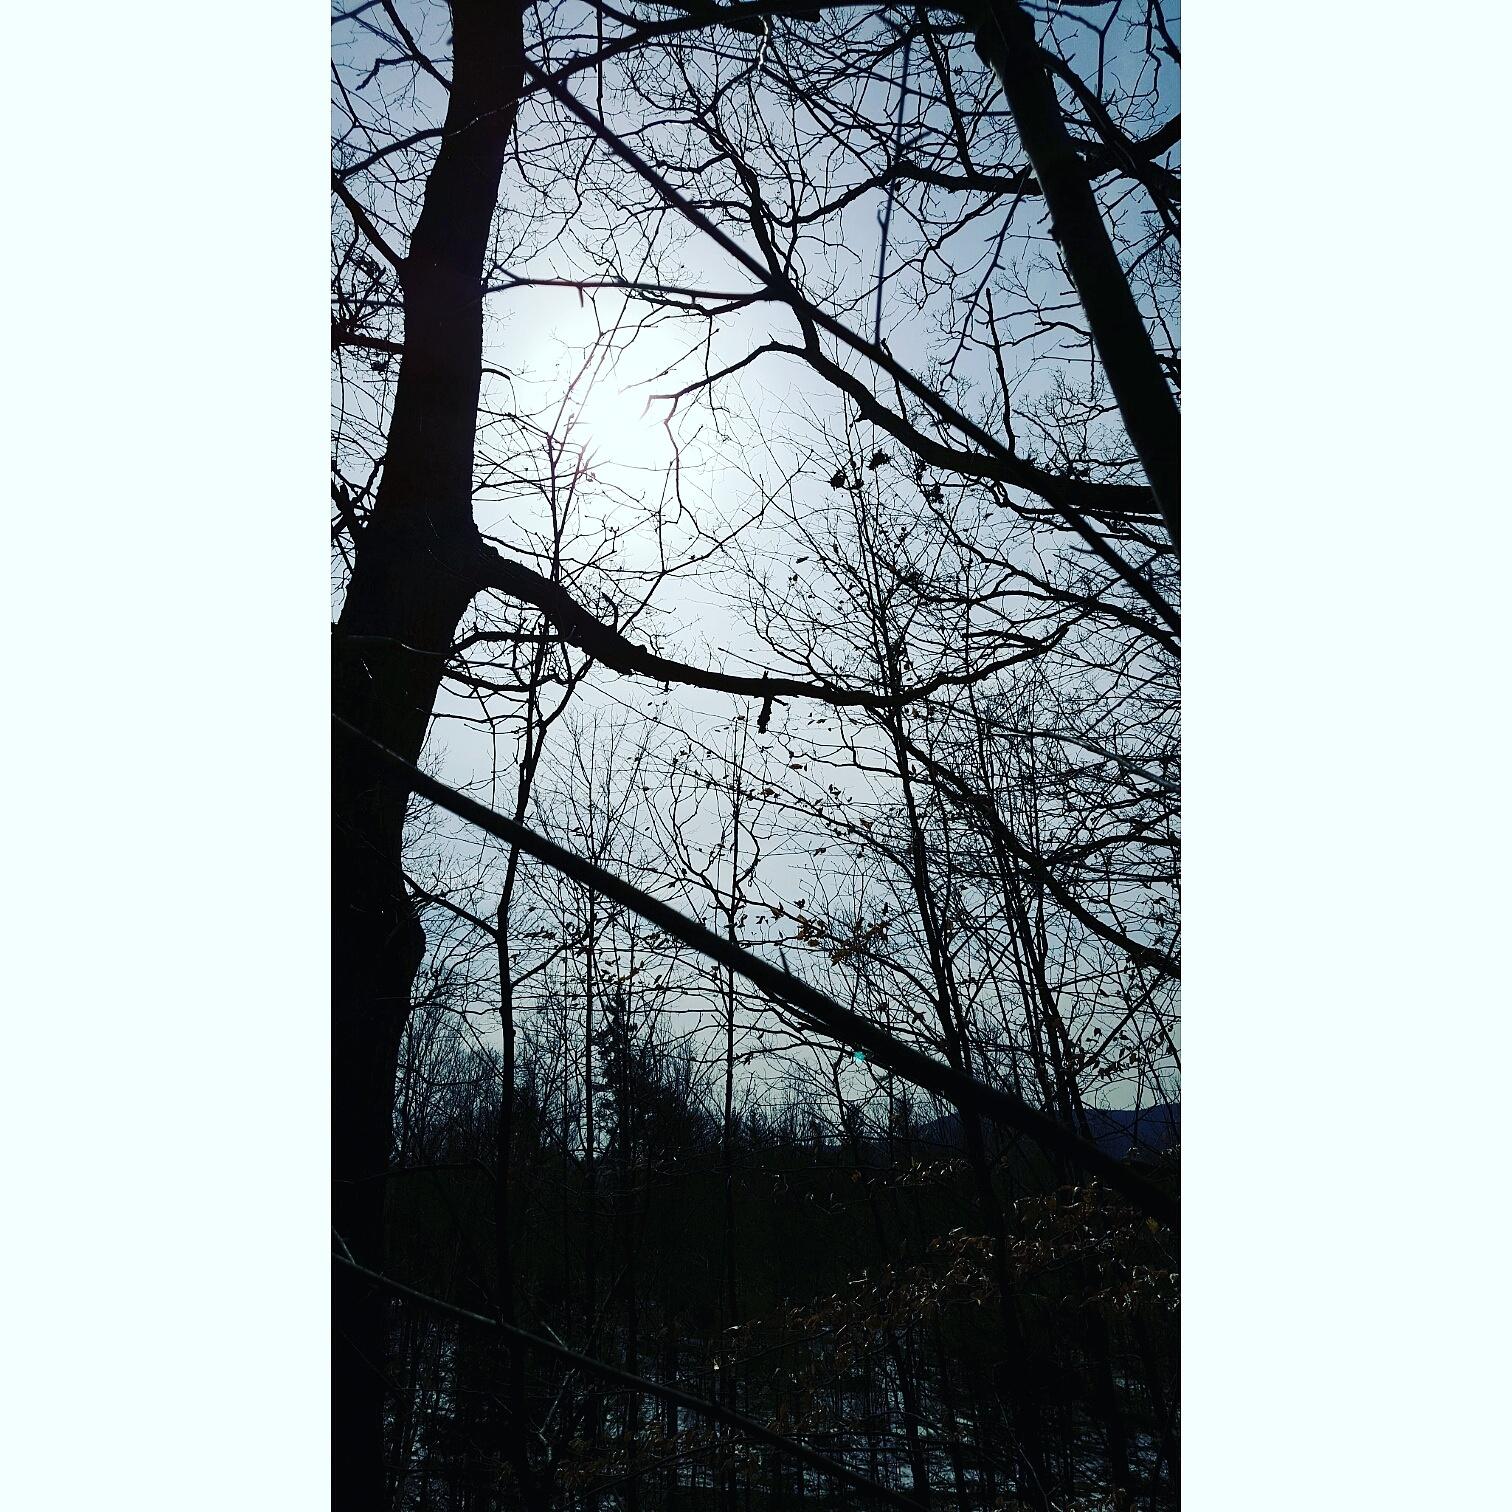 Lost in the woods by Kyla Viana